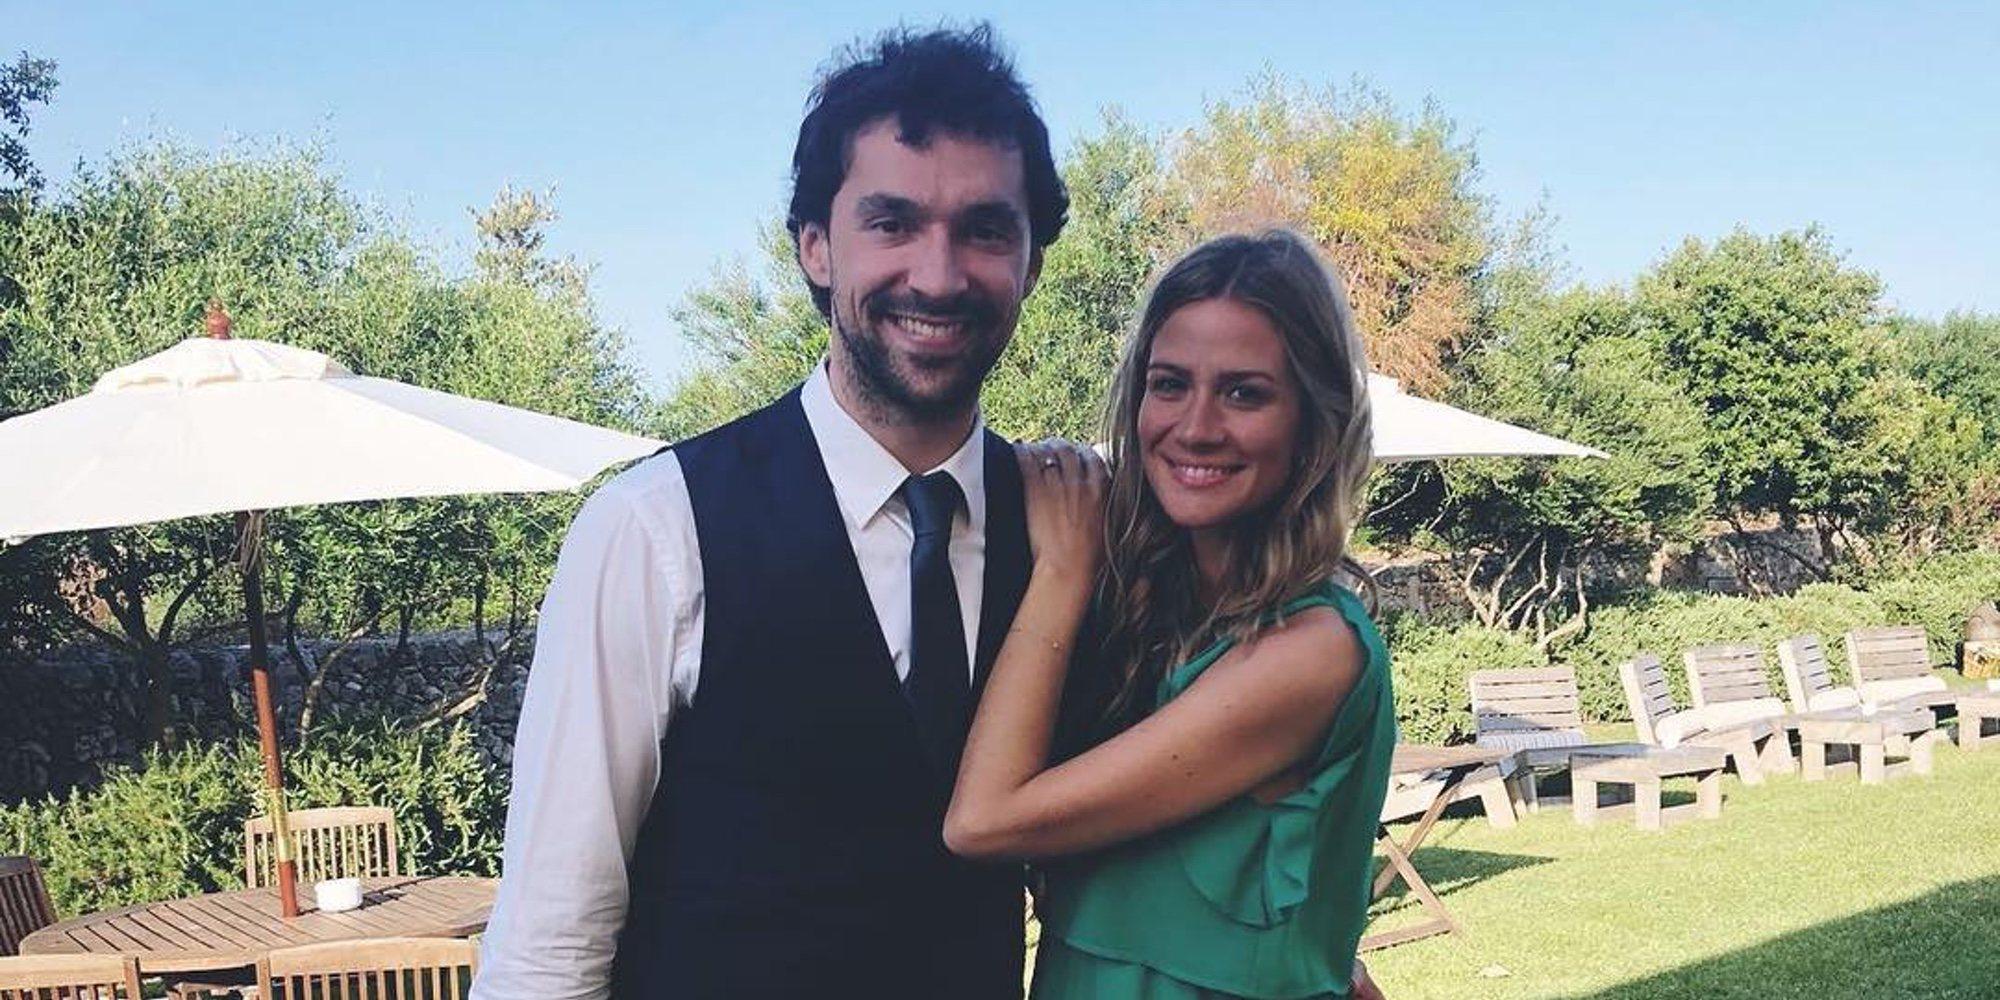 Sergio Llull y Almudena Cánovas se convierten en padres de su primera hija